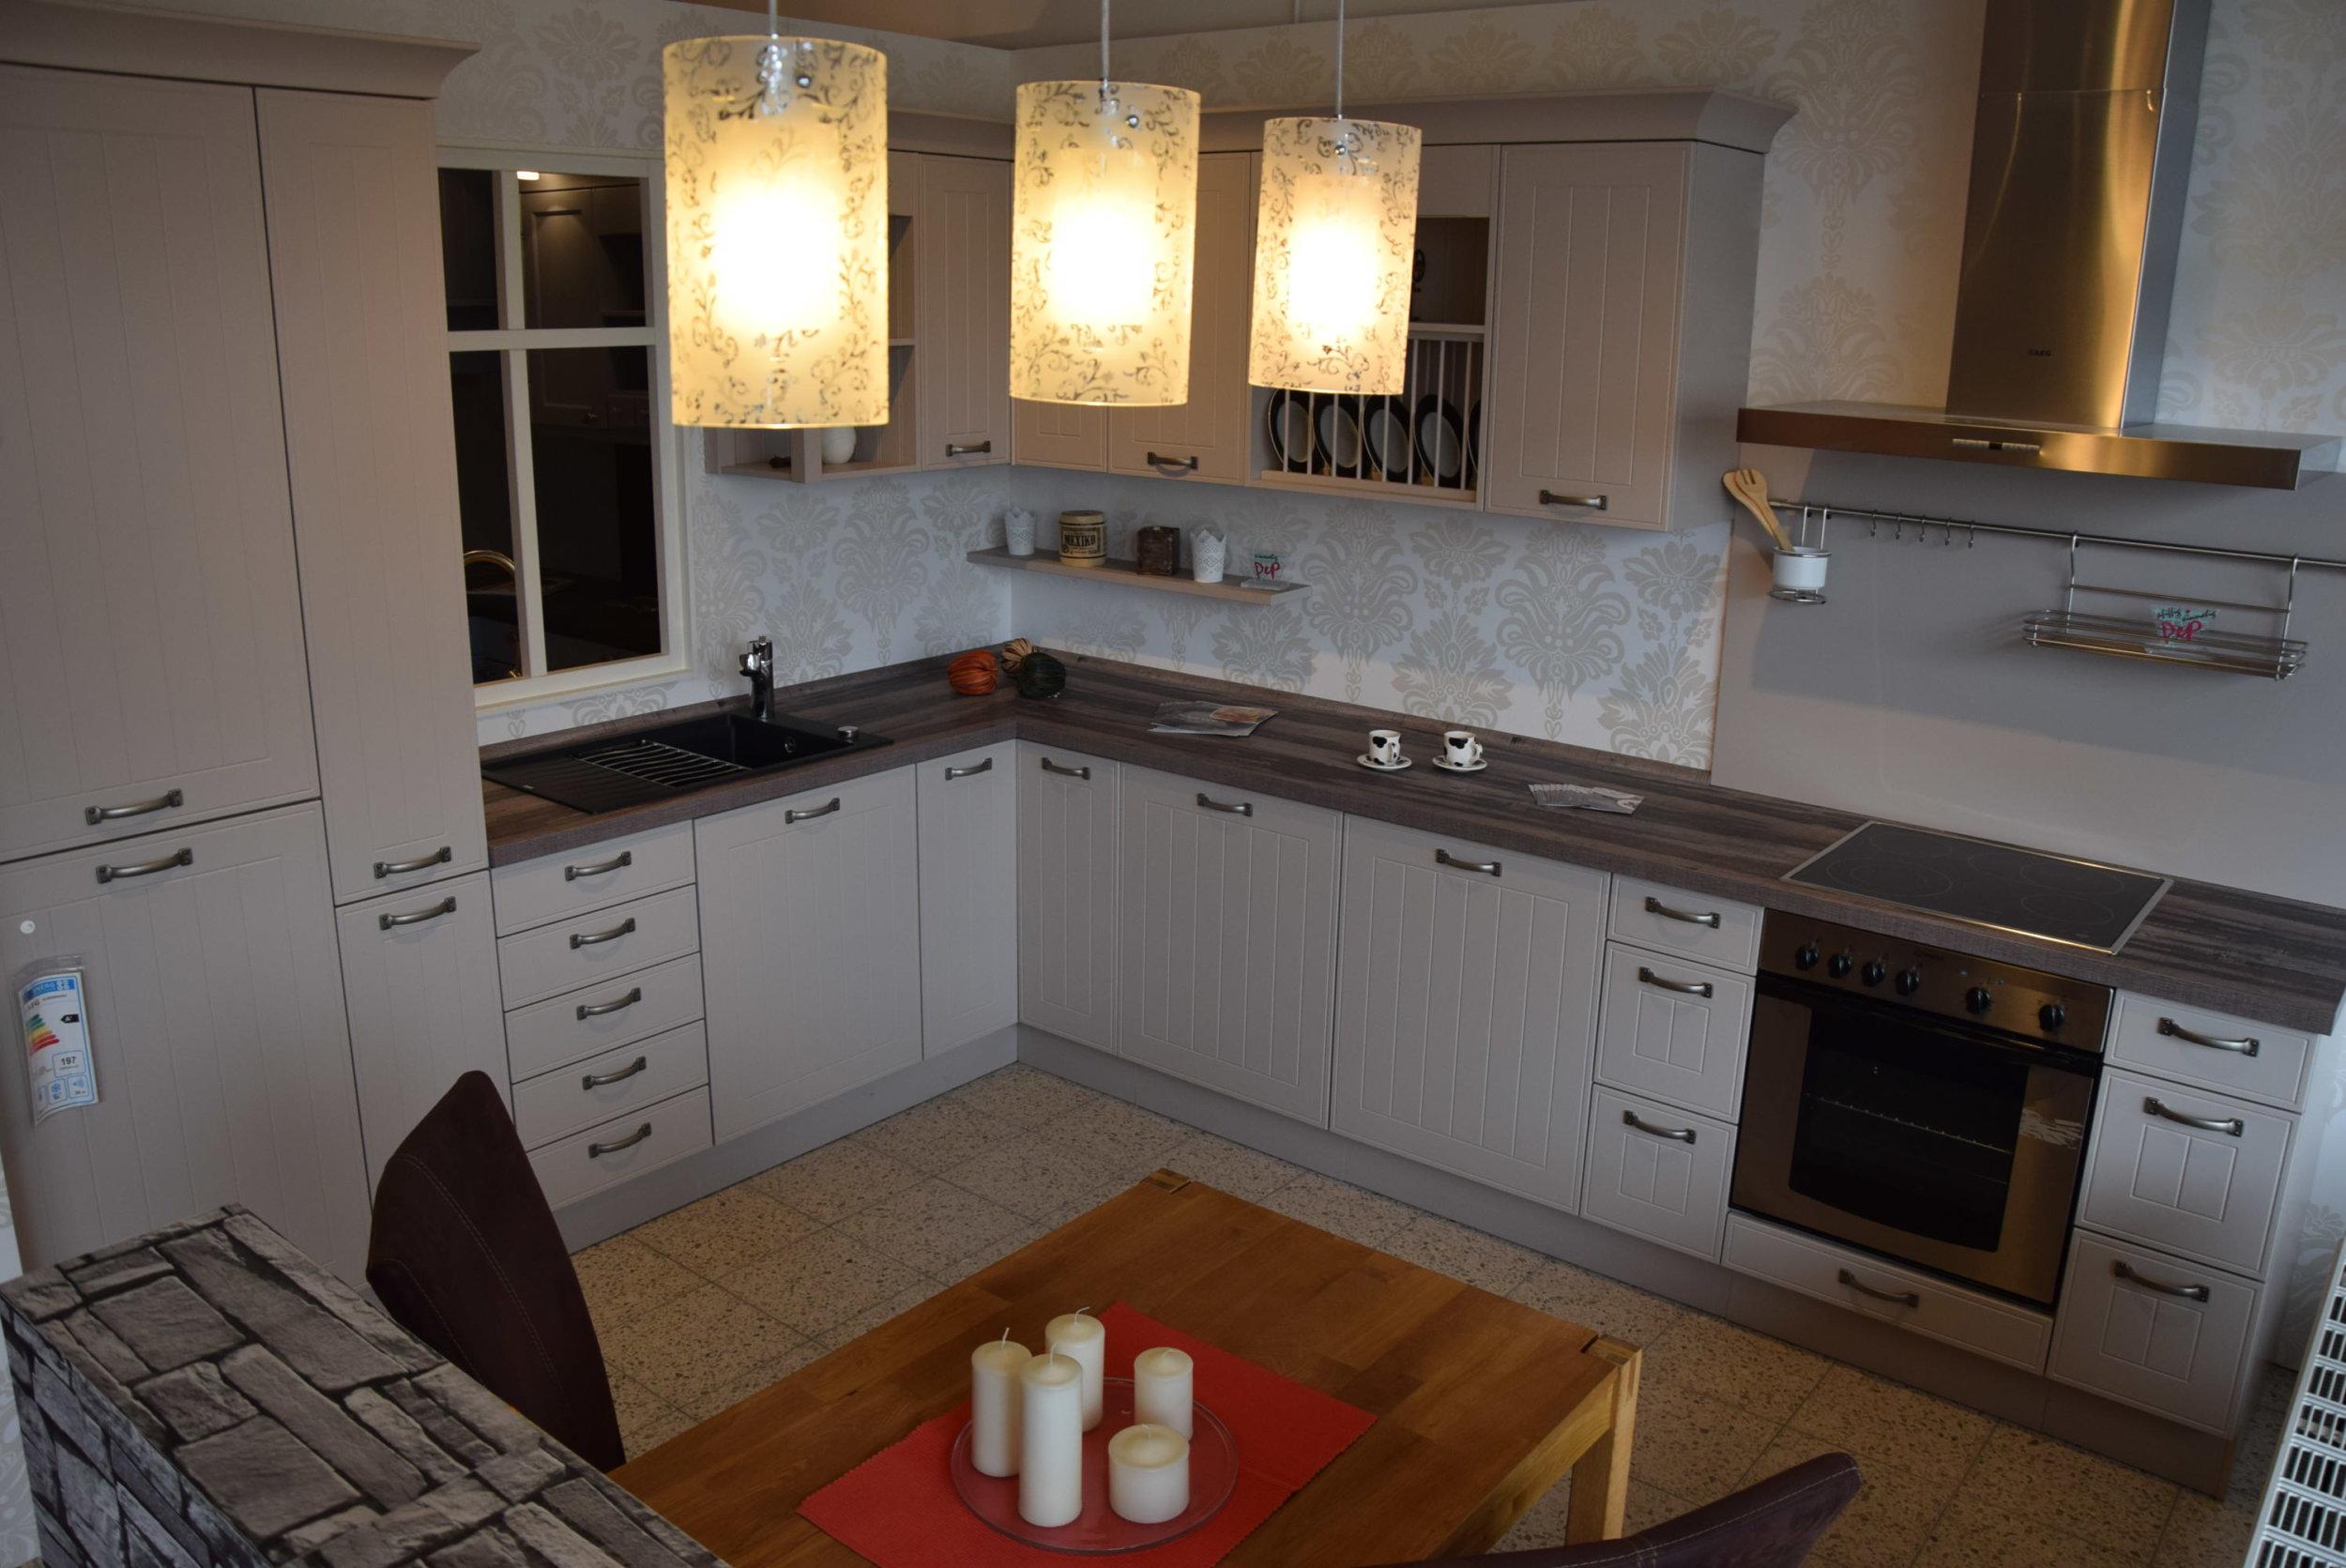 Full Size of Küchen Günstig Kaufen Wuppertal Küche Komplett Kaufen Günstig Nobilia Küche Günstig Kaufen Küche Günstig Kaufen Angebote Küche Küche Kaufen Günstig